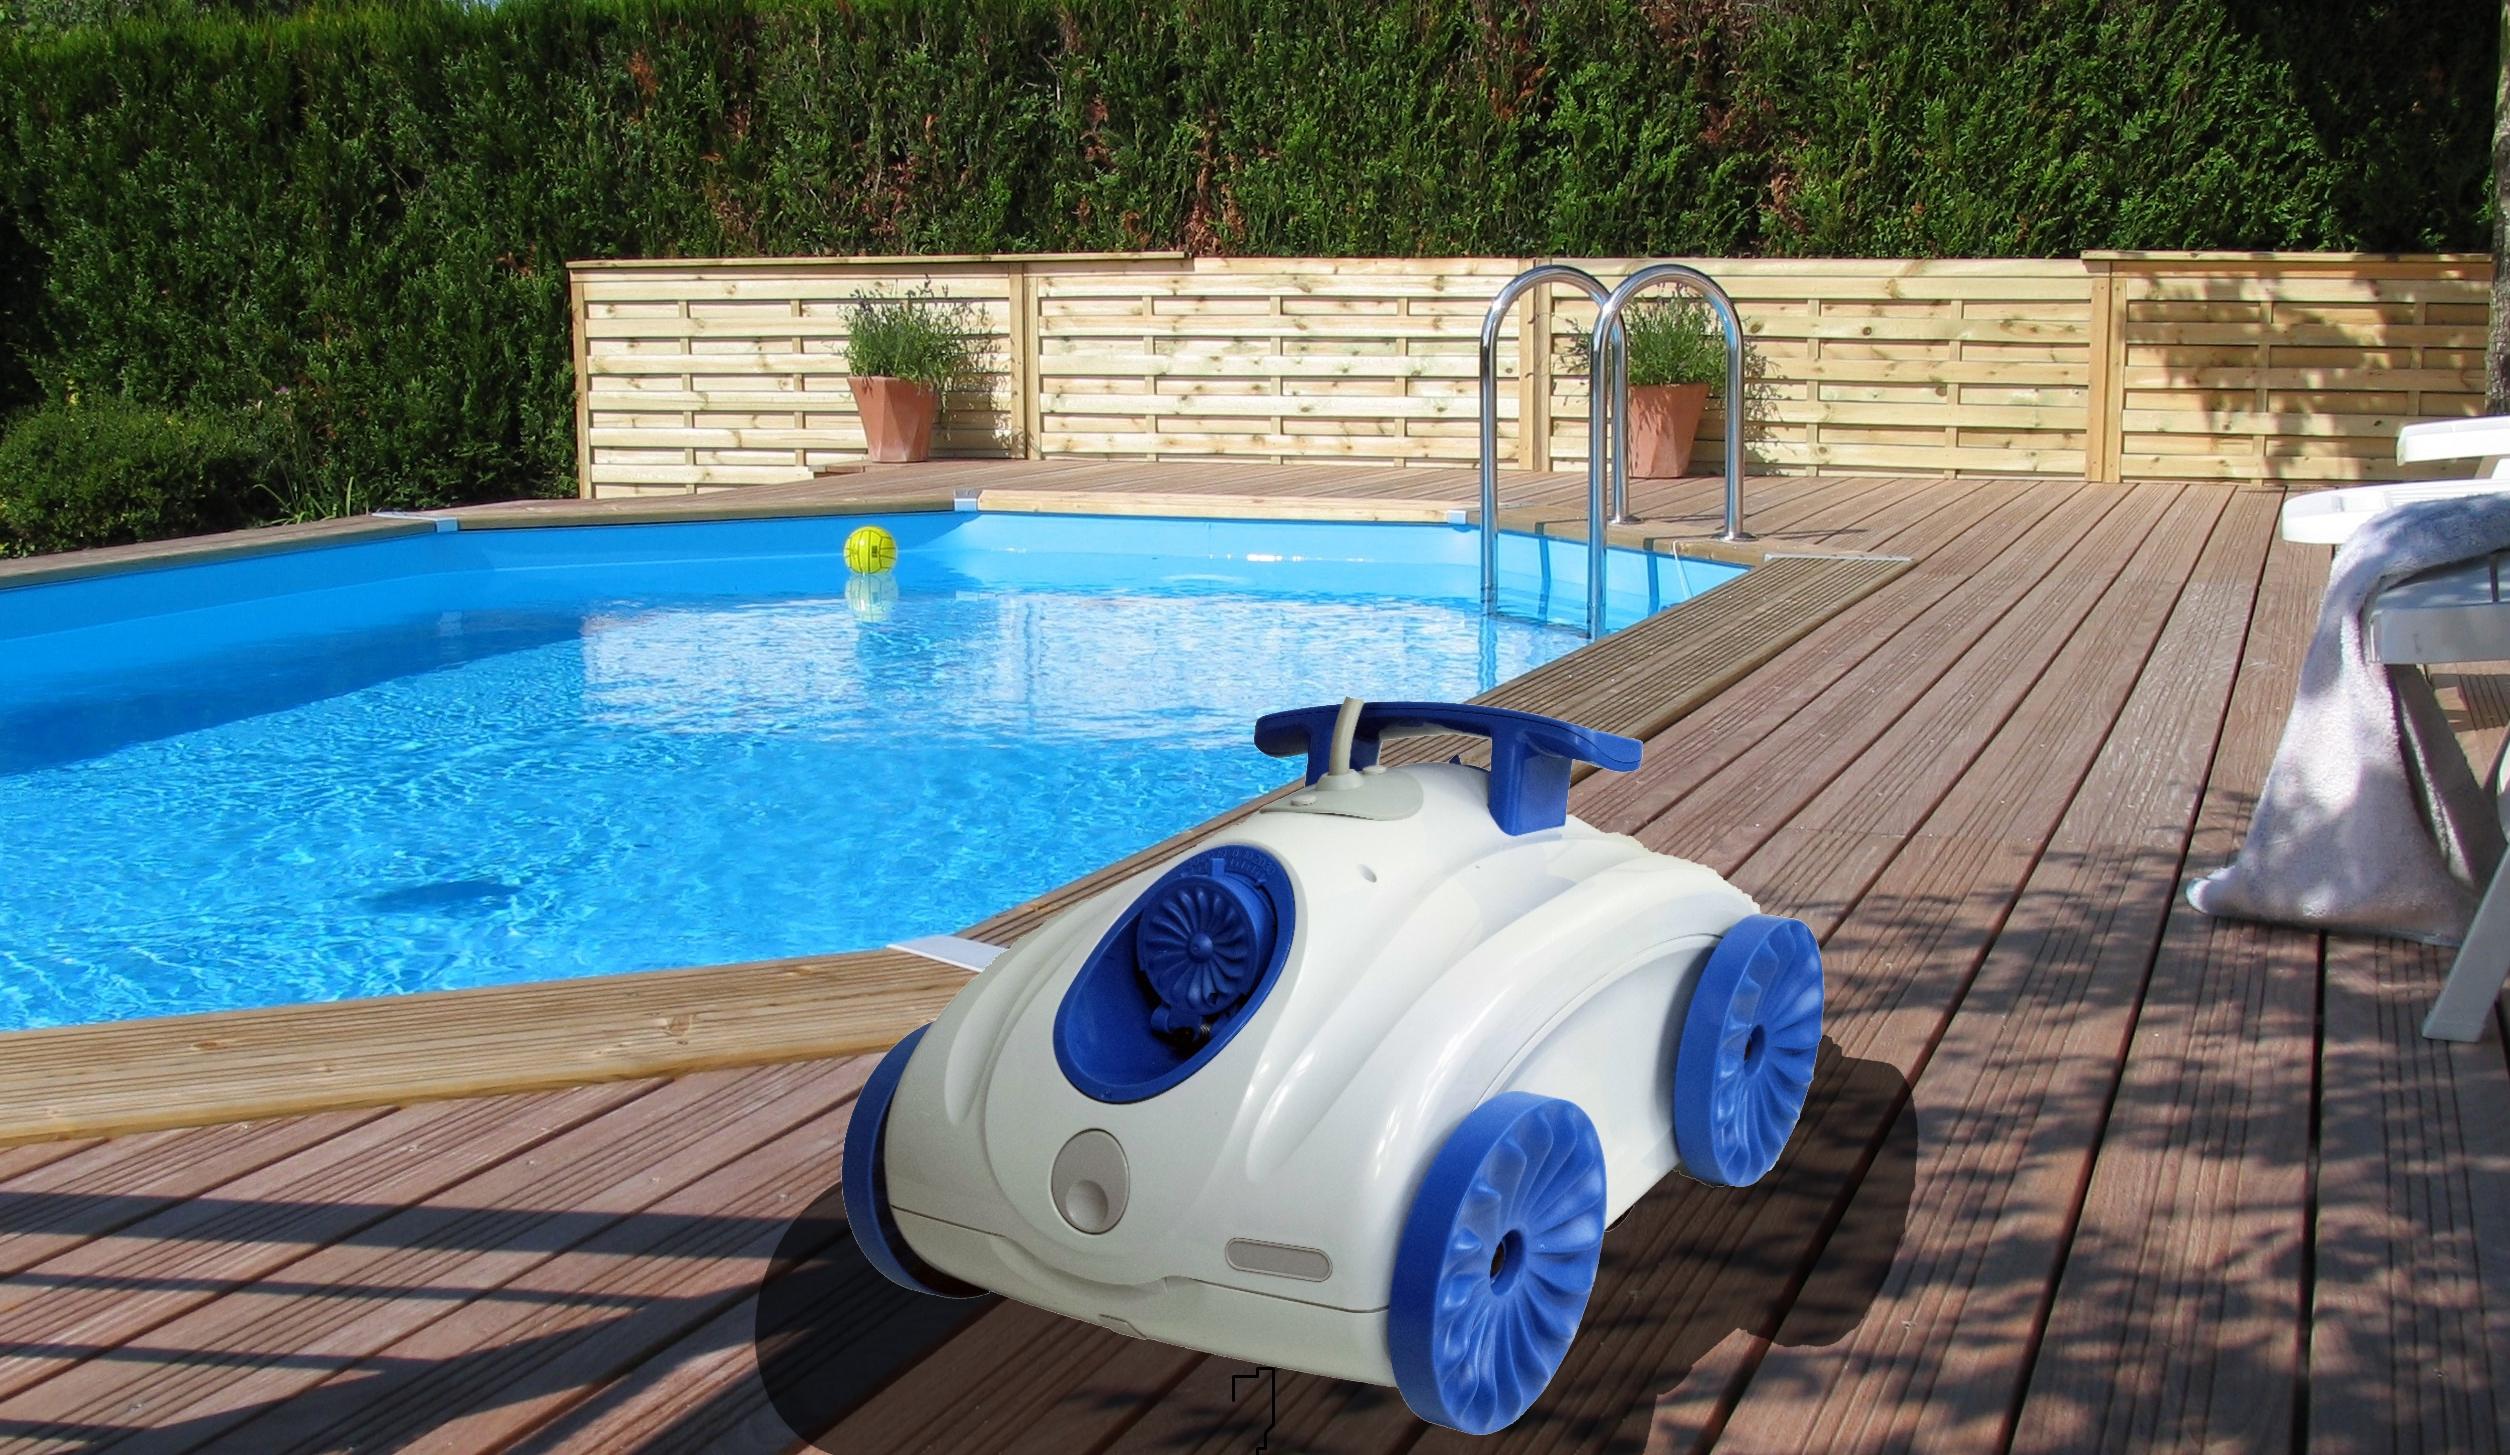 roboter staubsauger 5200. Black Bedroom Furniture Sets. Home Design Ideas